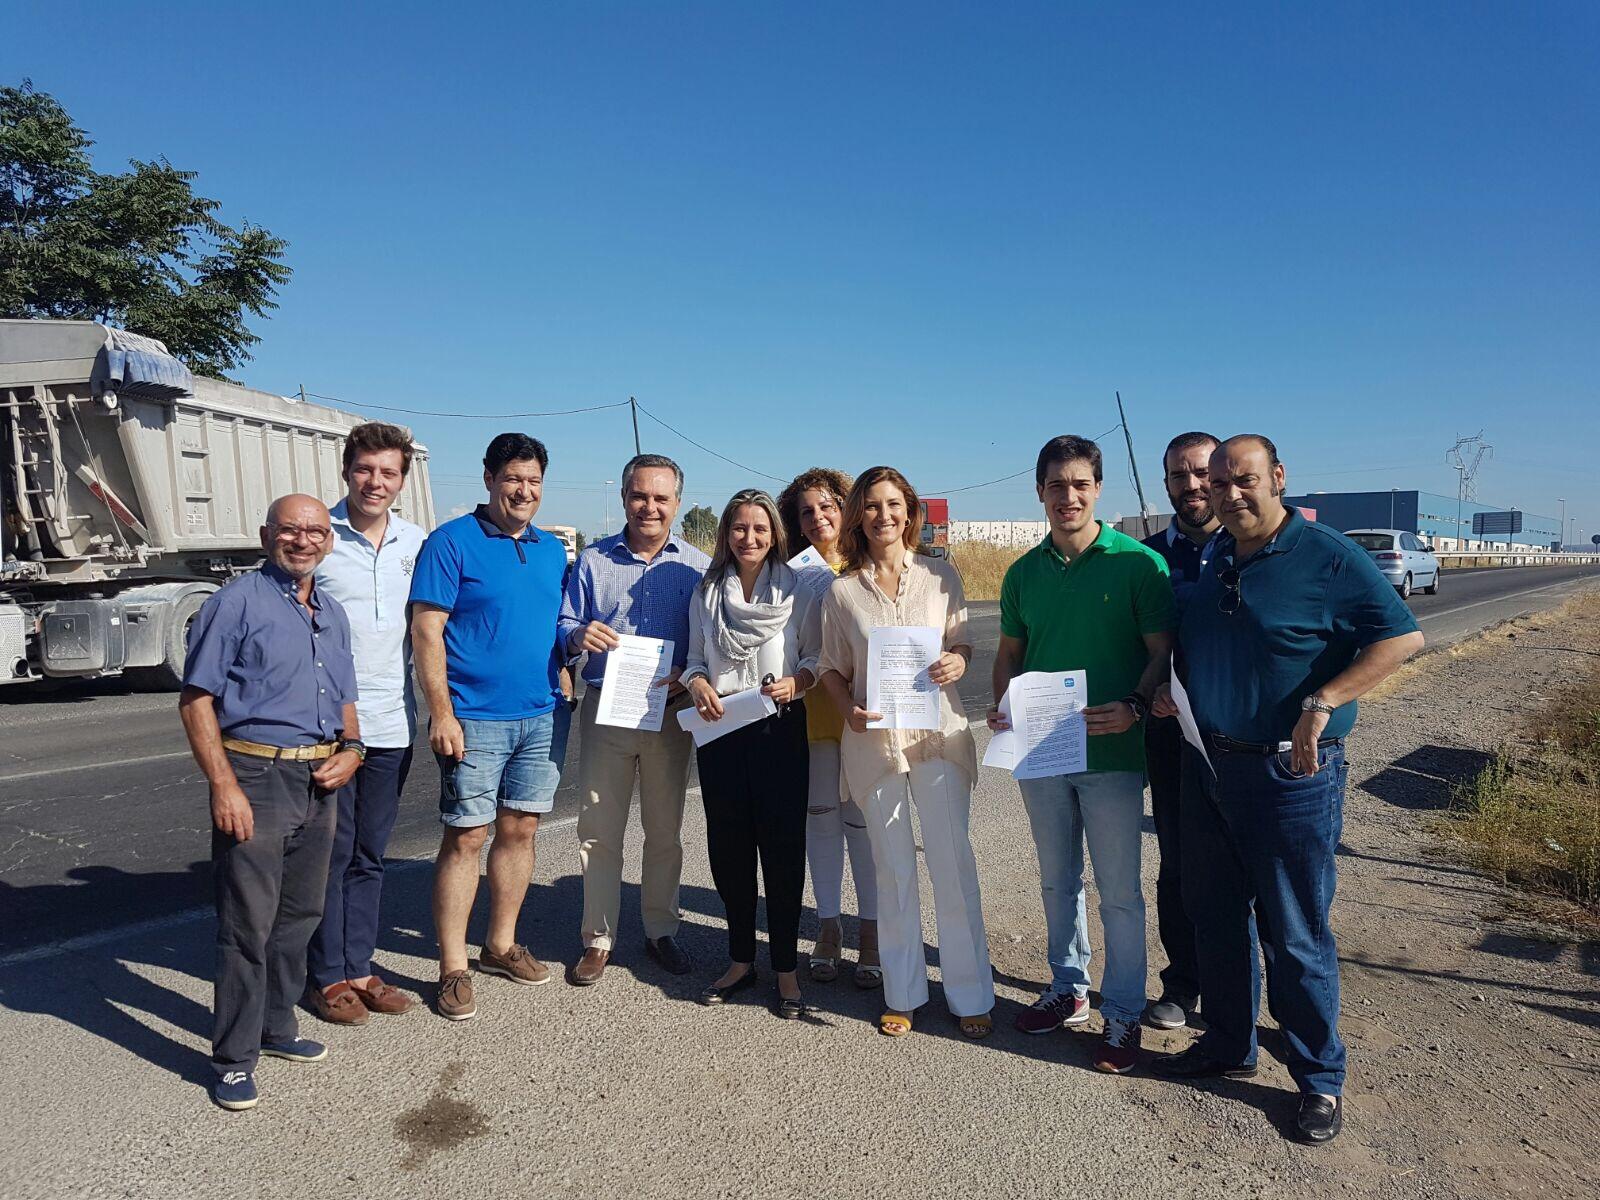 El PP de Sevilla pide a la Junta que arregle de forma inmediata el nudo de intersección entre la A-8006 La Algaba- Alcalá del Río y el acceso de la A-8080 Torre de la Reina Guillena